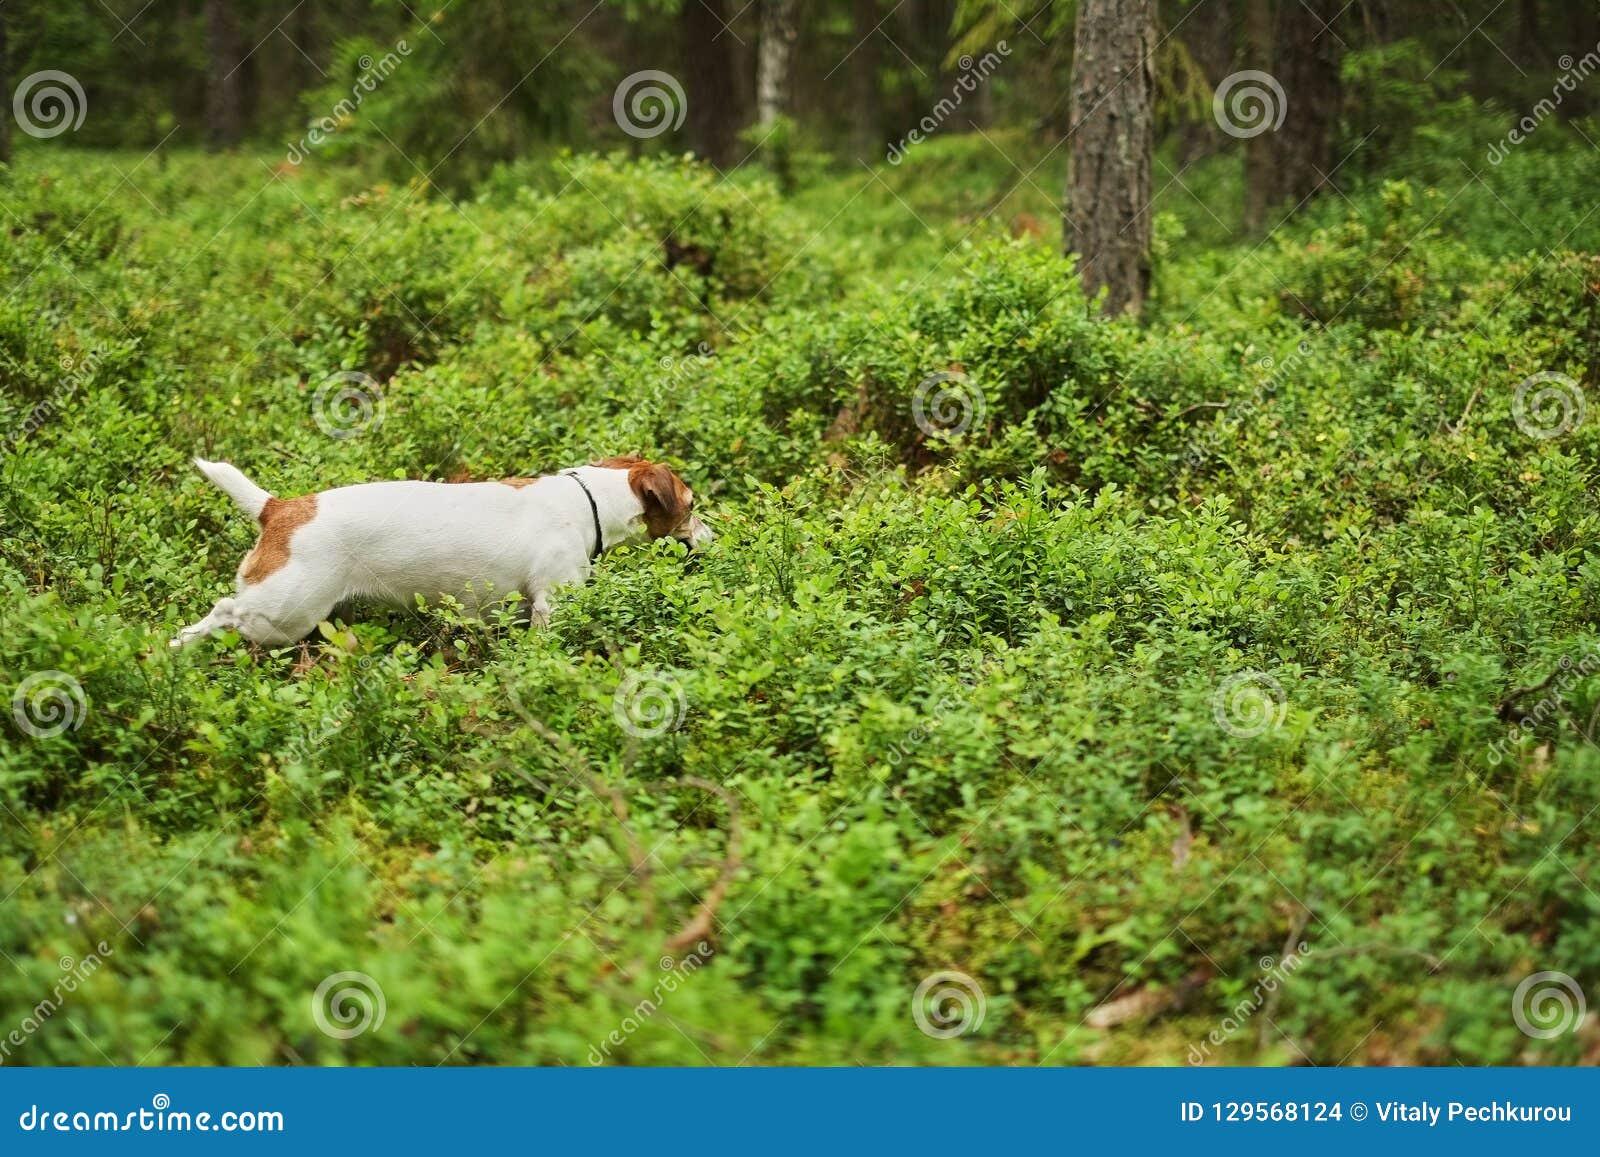 冒险杰克罗素小狗奔跑通过森林